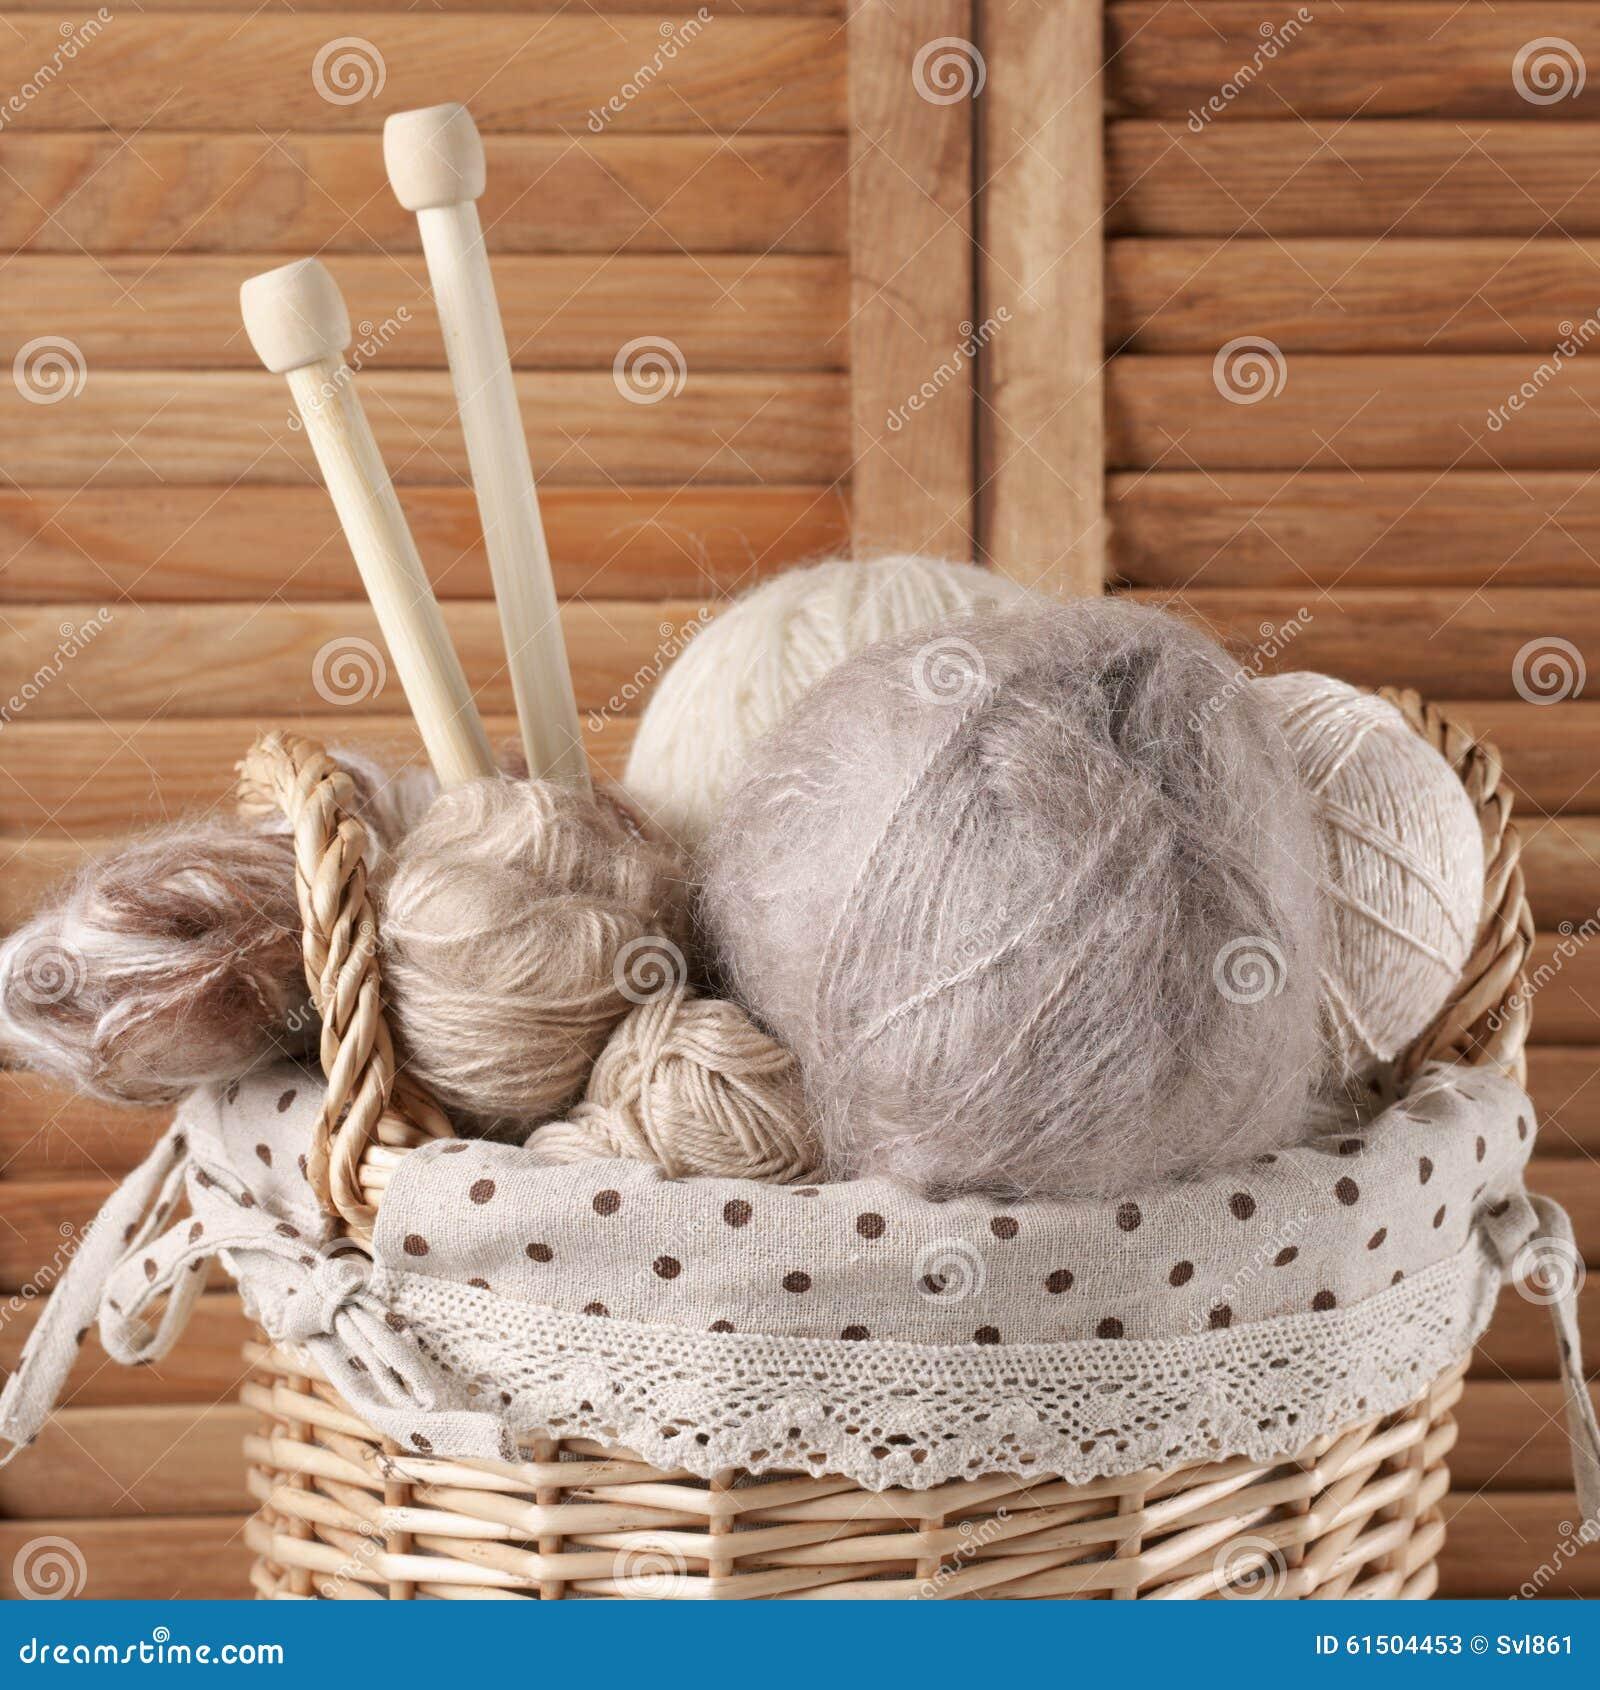 Knitting Set : Knitting set in basket royalty free stock image